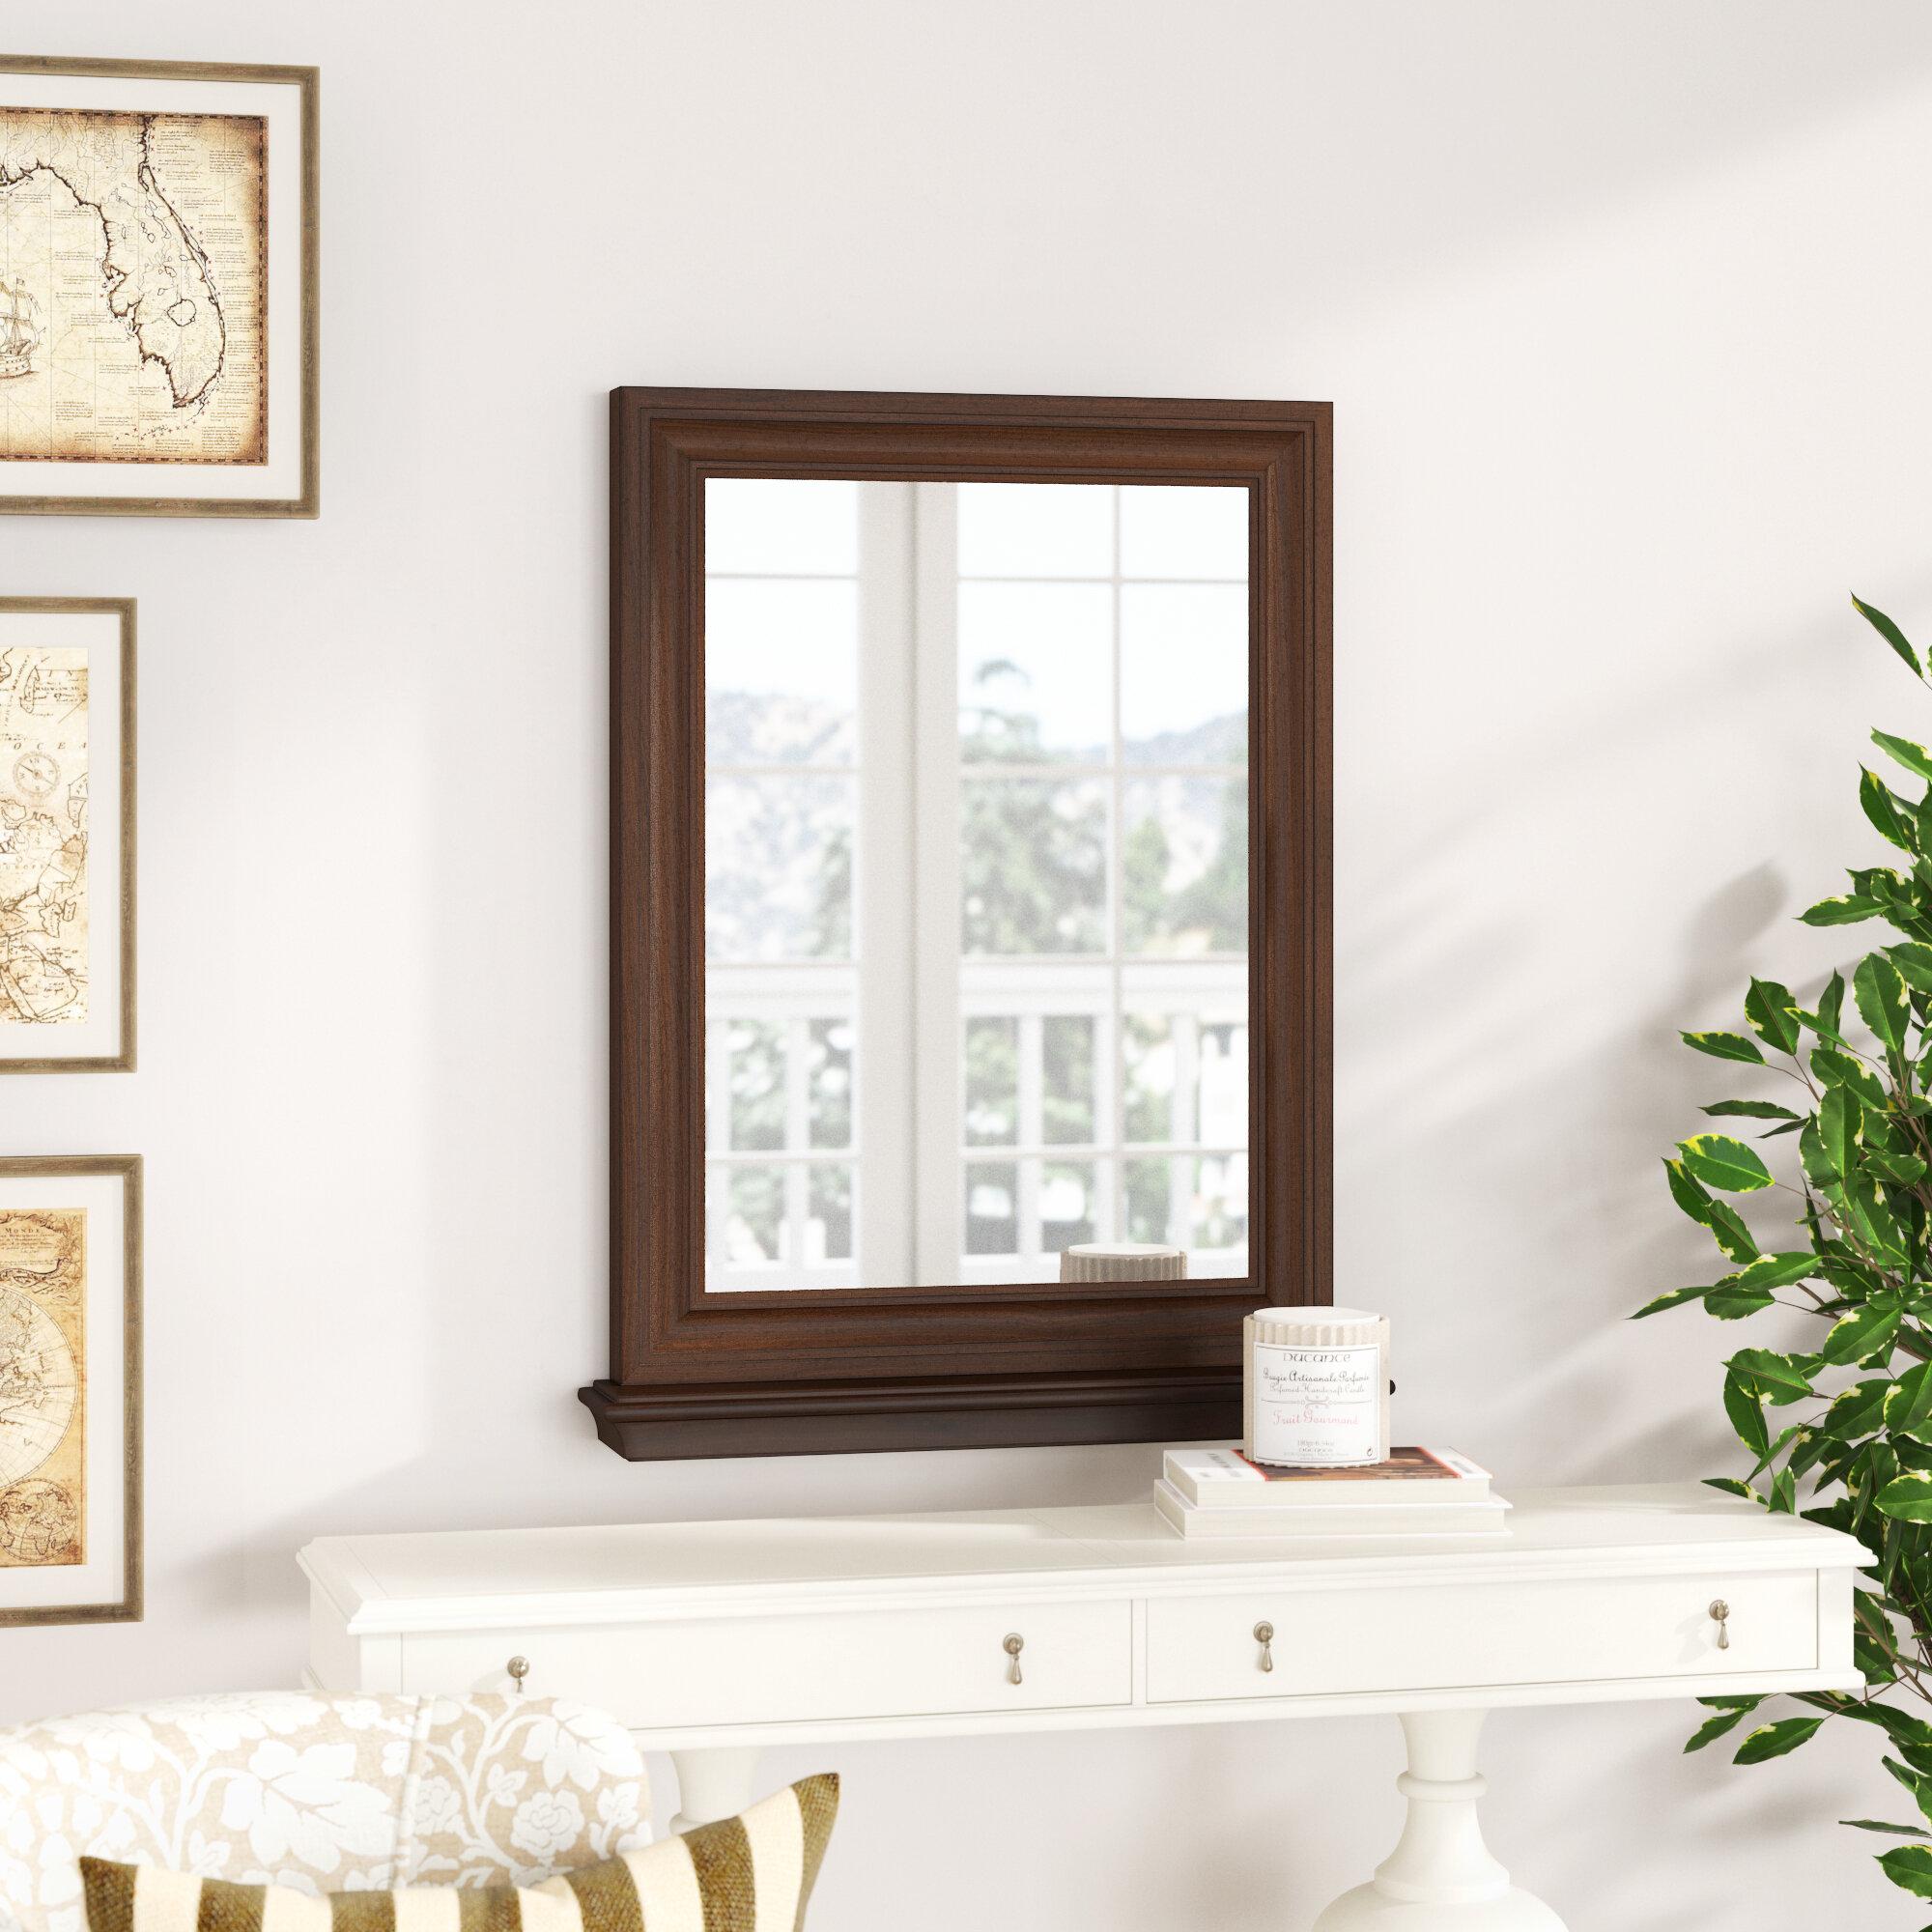 Bathroom Vanity Shelves Mirrors You Ll Love In 2021 Wayfair